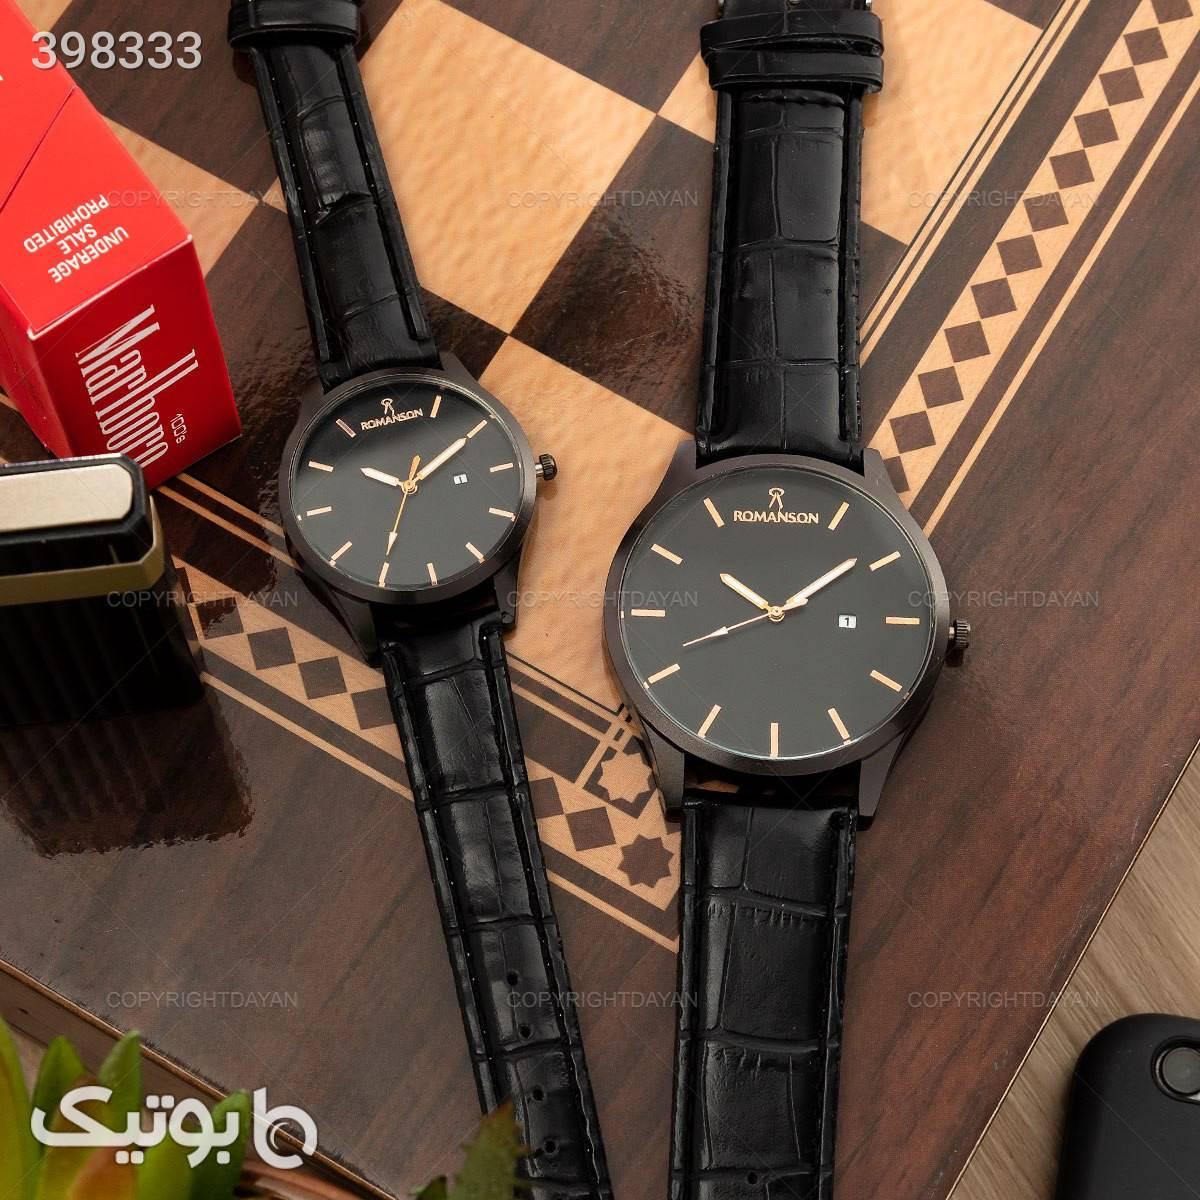 ست ساعت مردانه و زنانه رمانسون مشکی ساعت